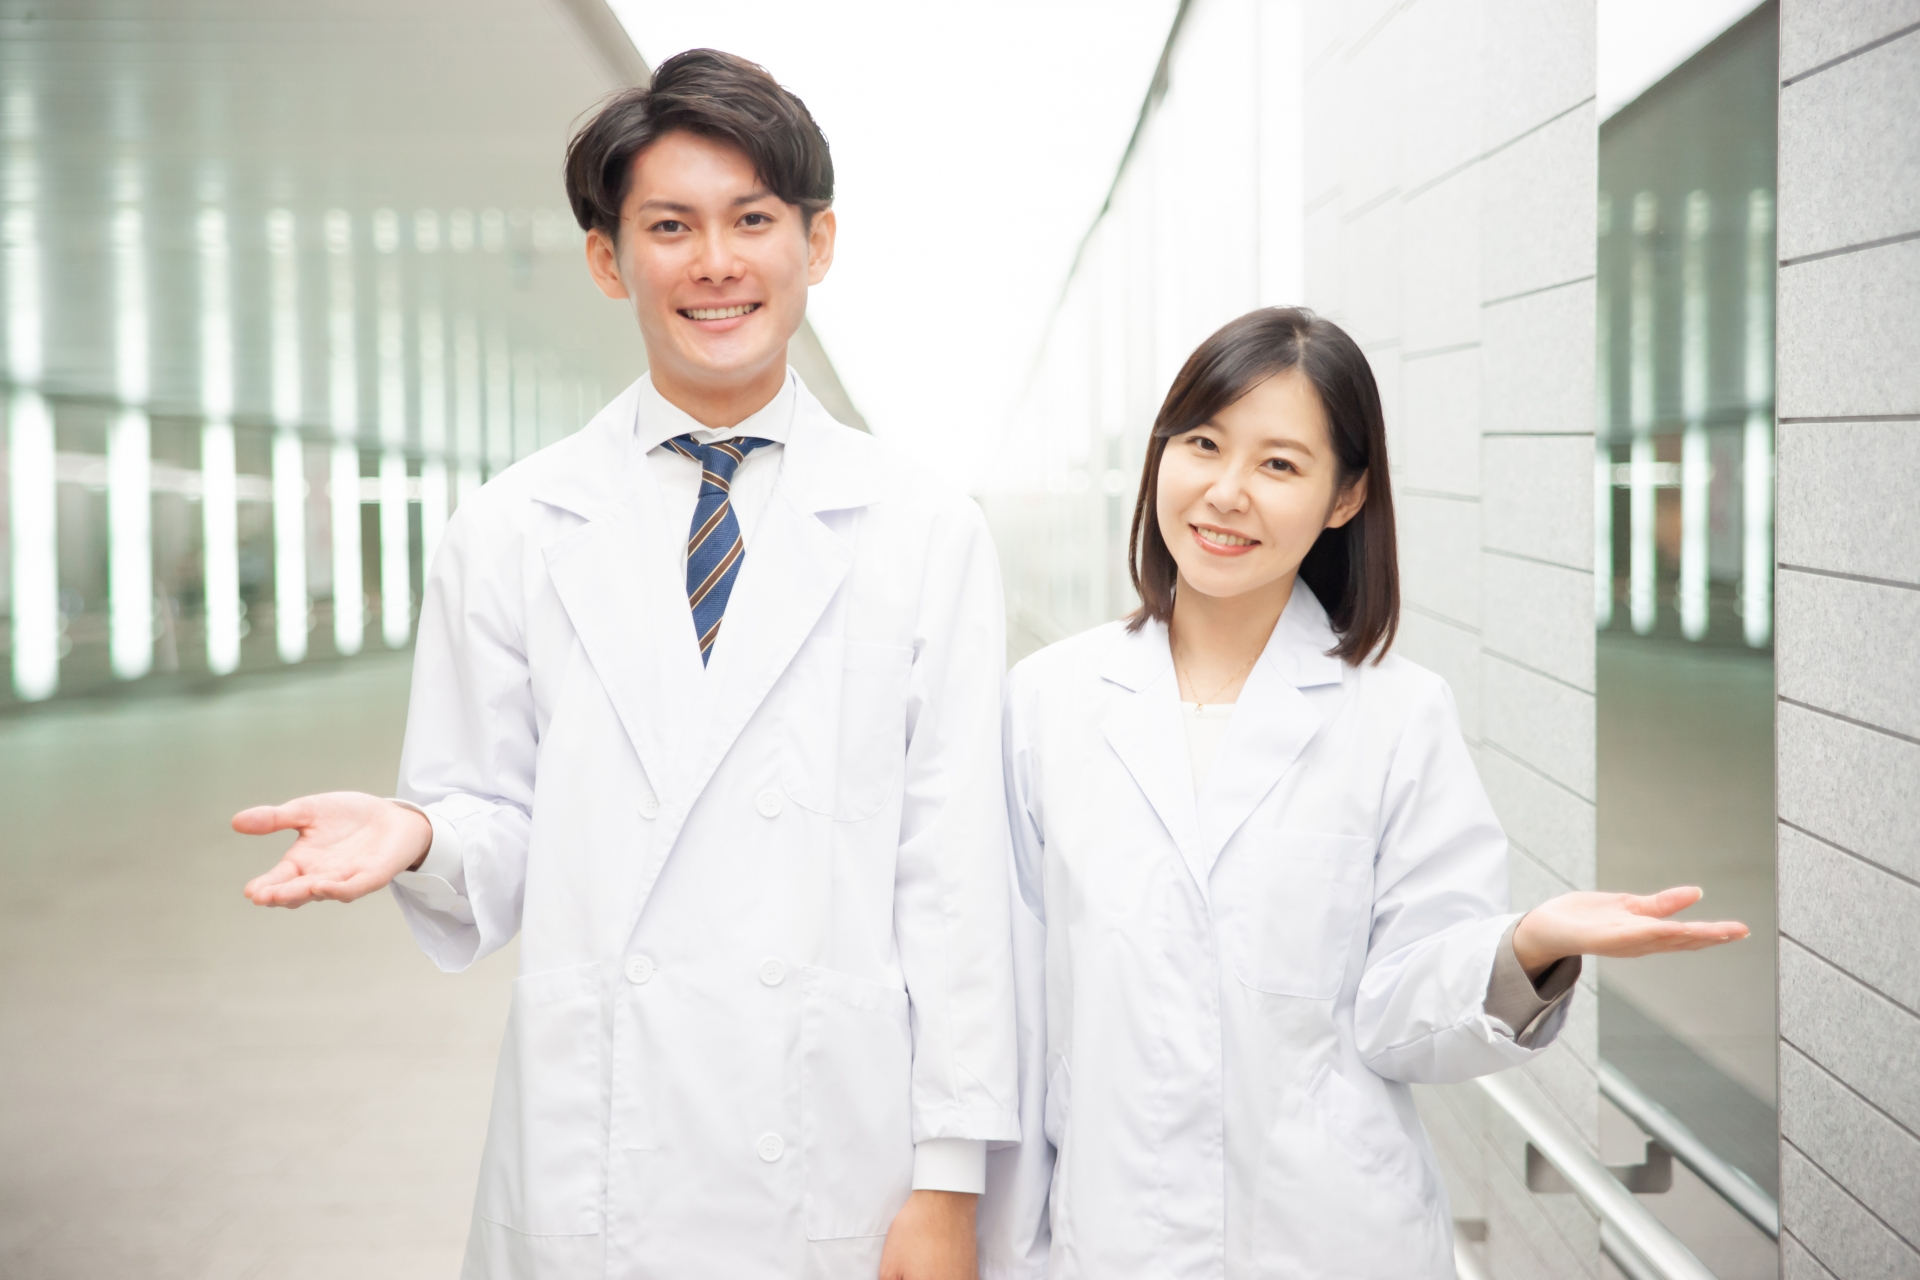 セカンドオピニオンは、どの医療機関にもあります